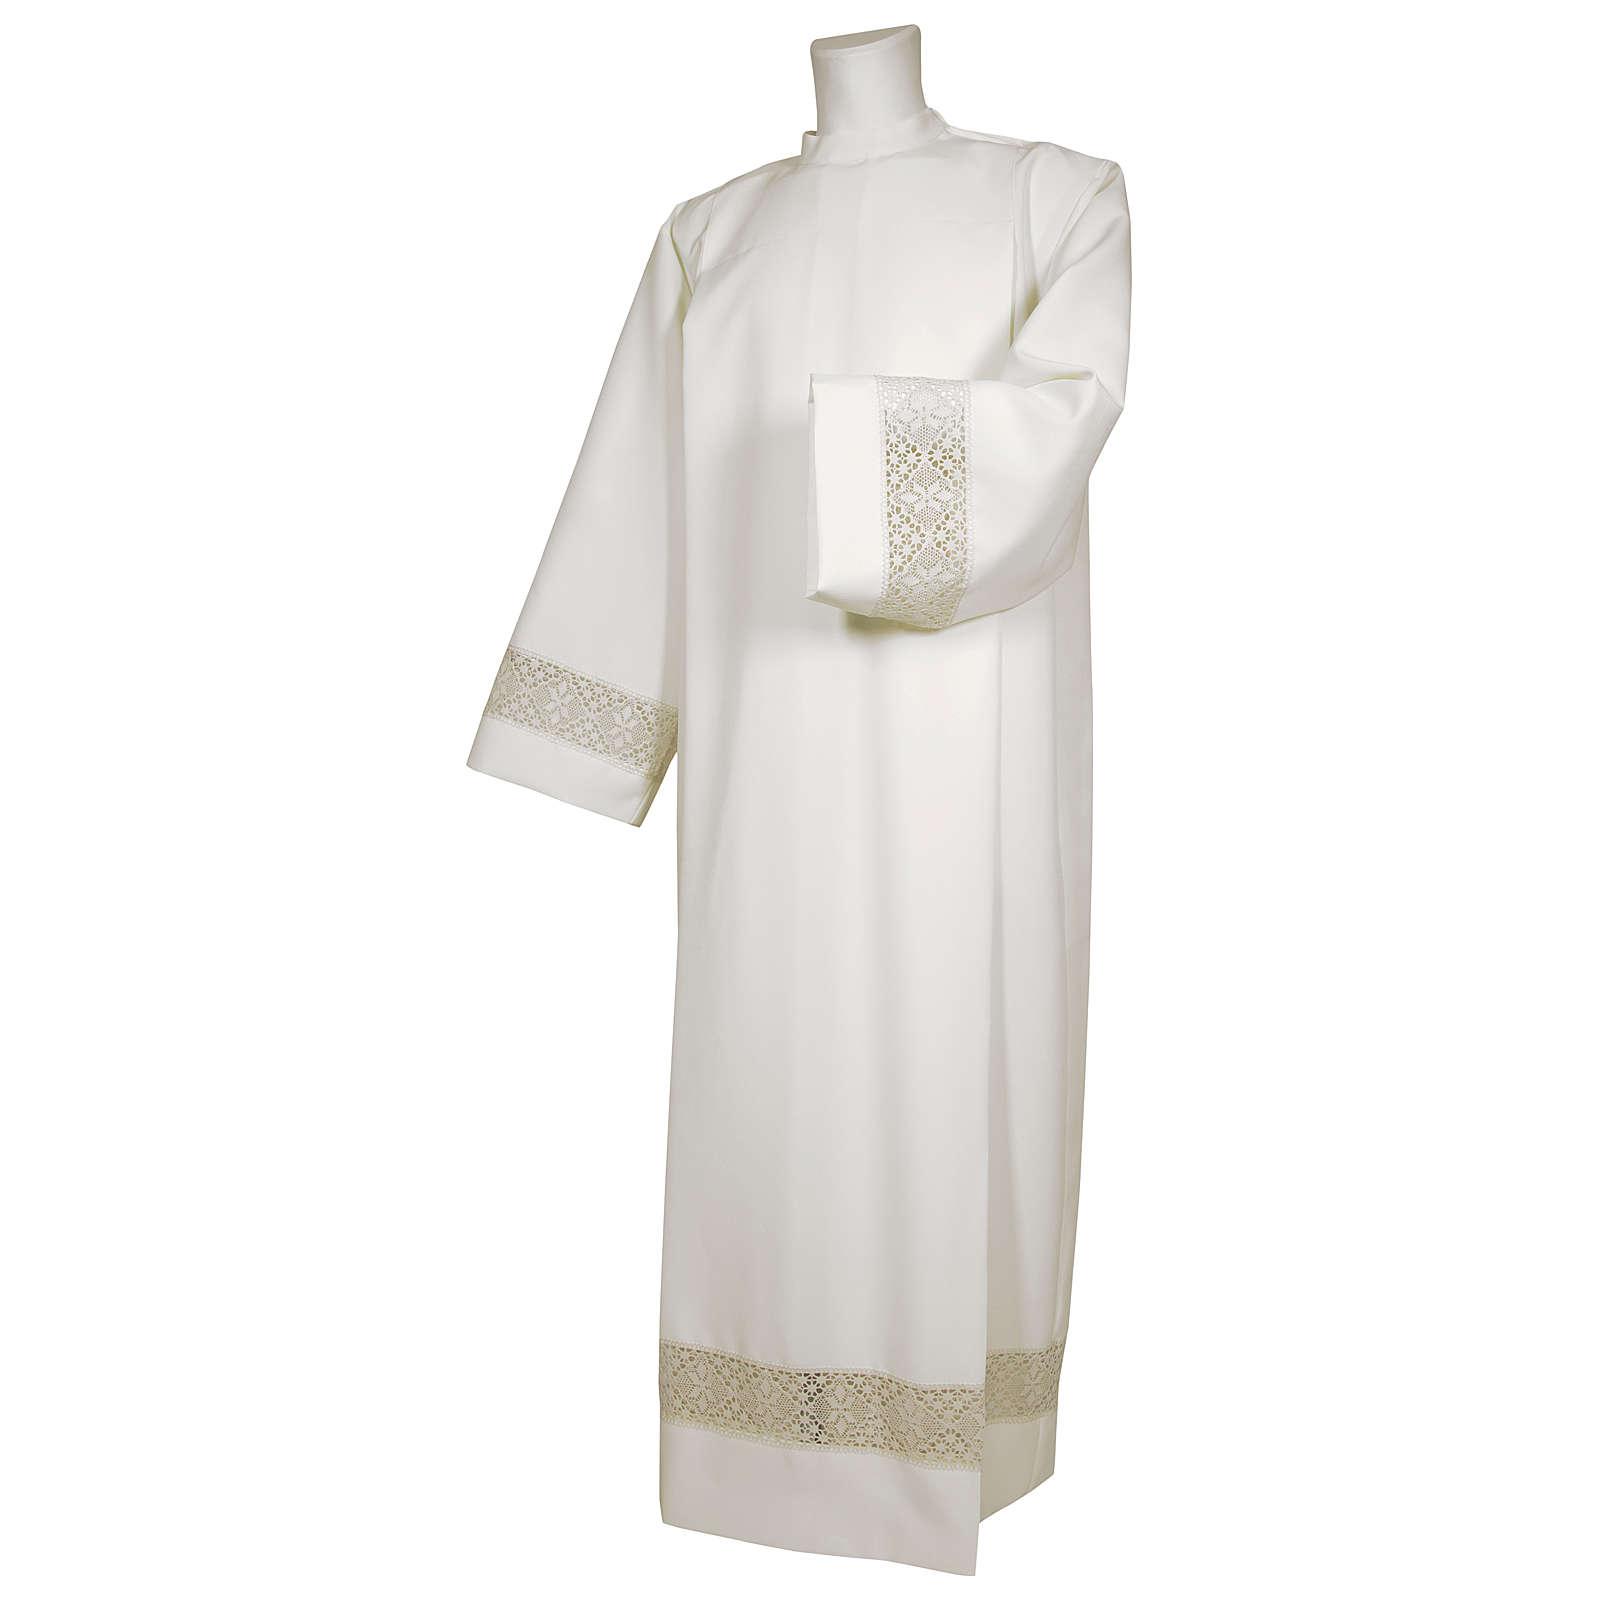 Camice bianco 65% poliestere 35% cotone decori su manica tramezzo merletto cerniera davanti 4